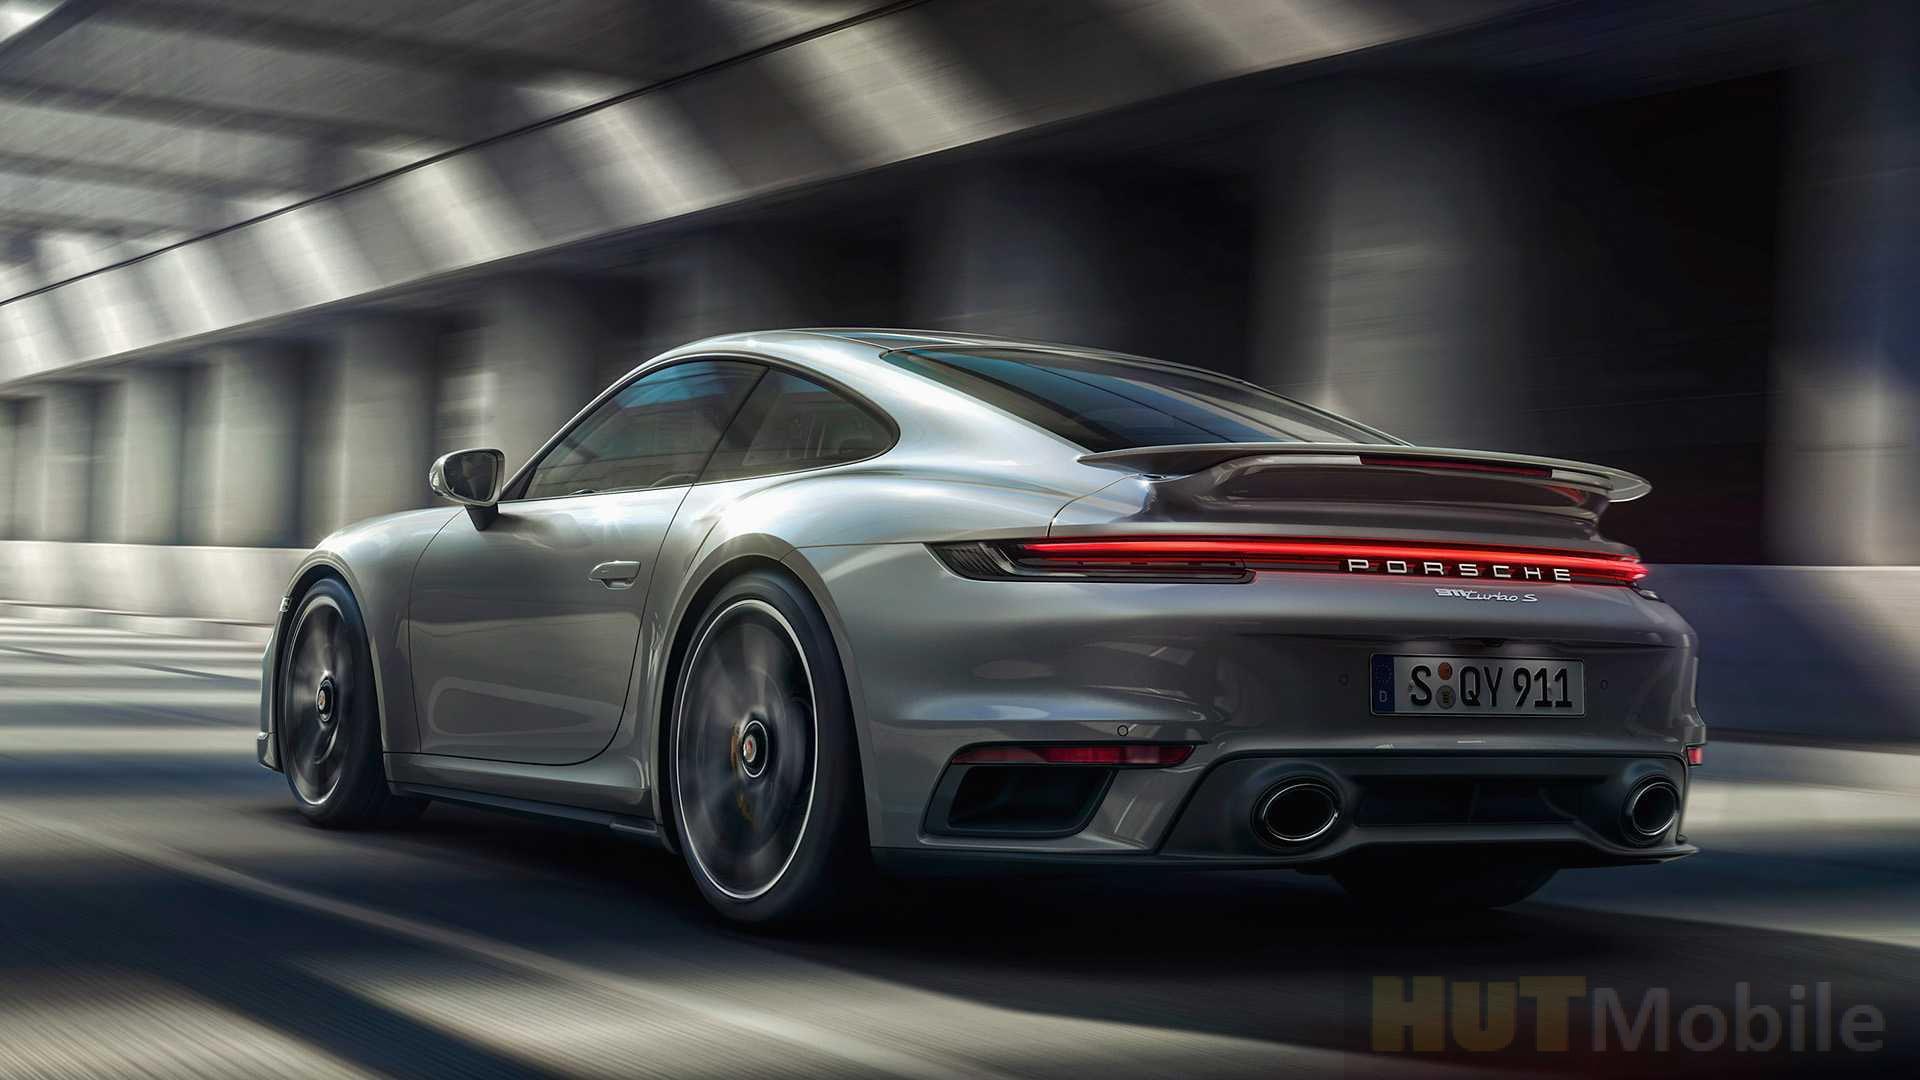 2021 Porsche 911 Turbo S Surpasses Its Rivals Hut Mobile